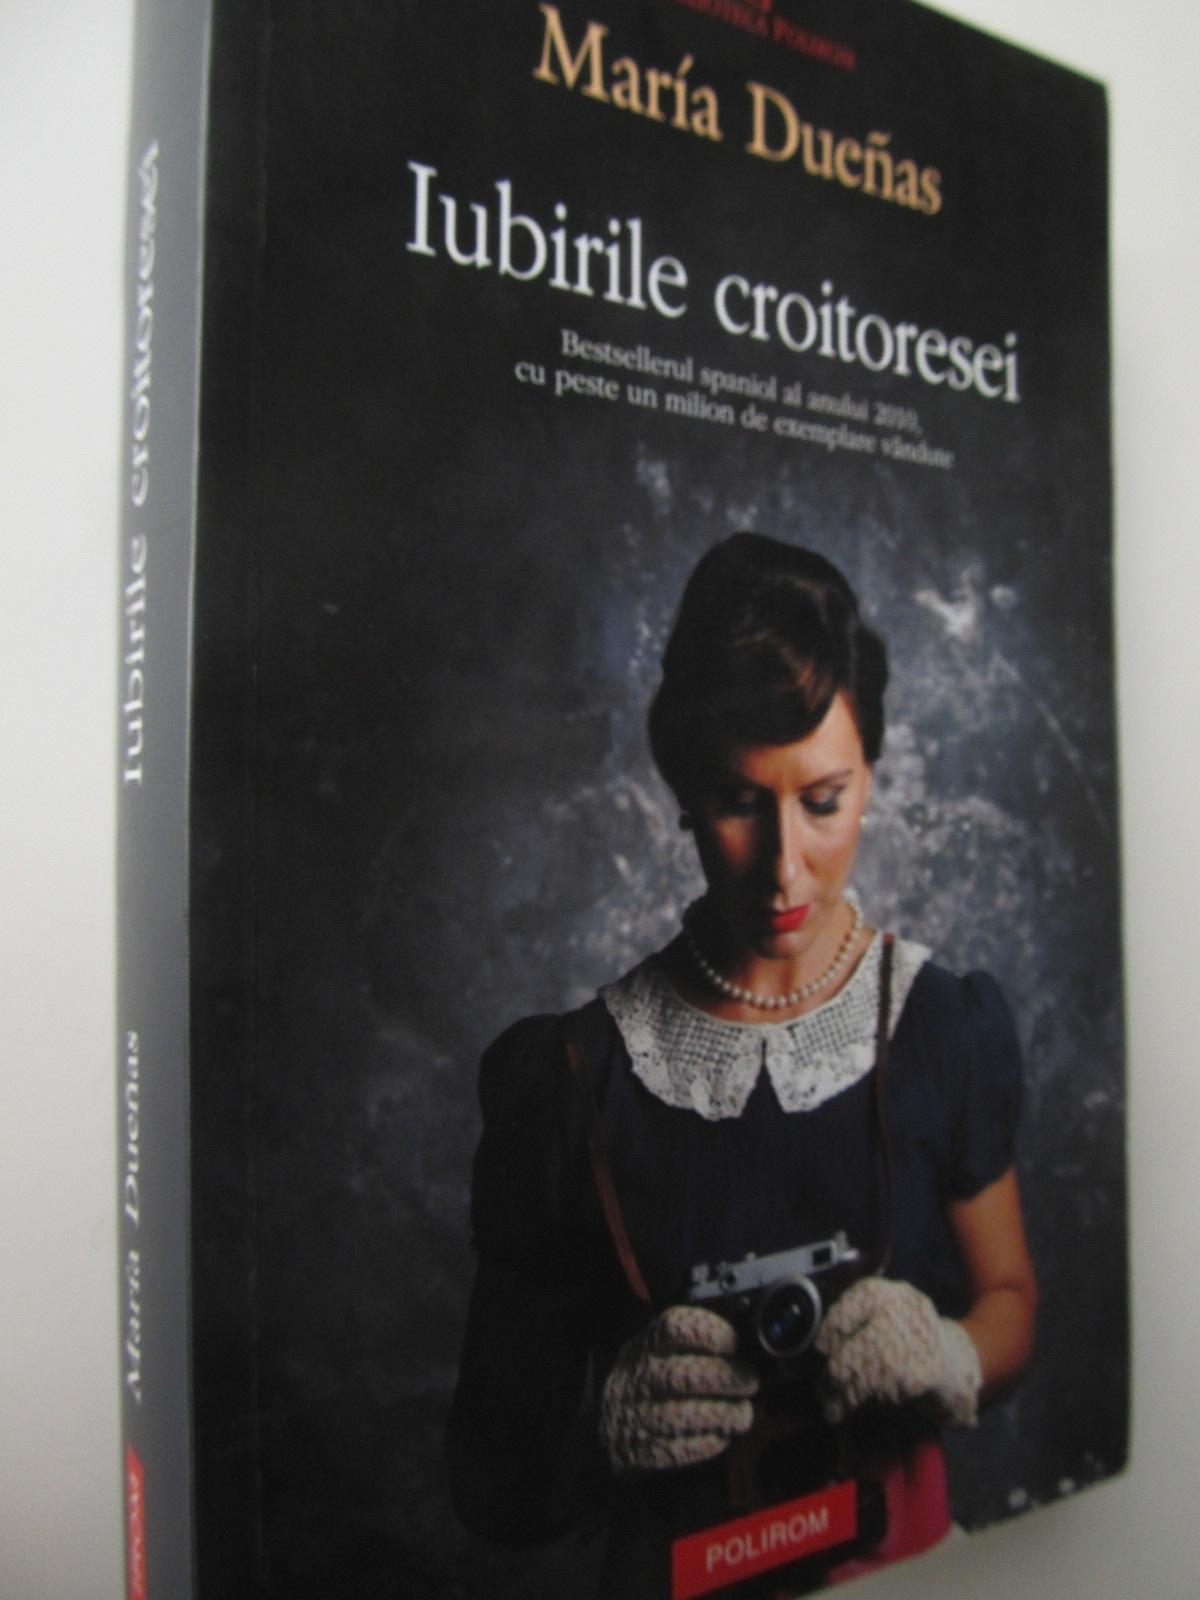 Iubirile croitoresei - Maria Duenas   Detalii carte